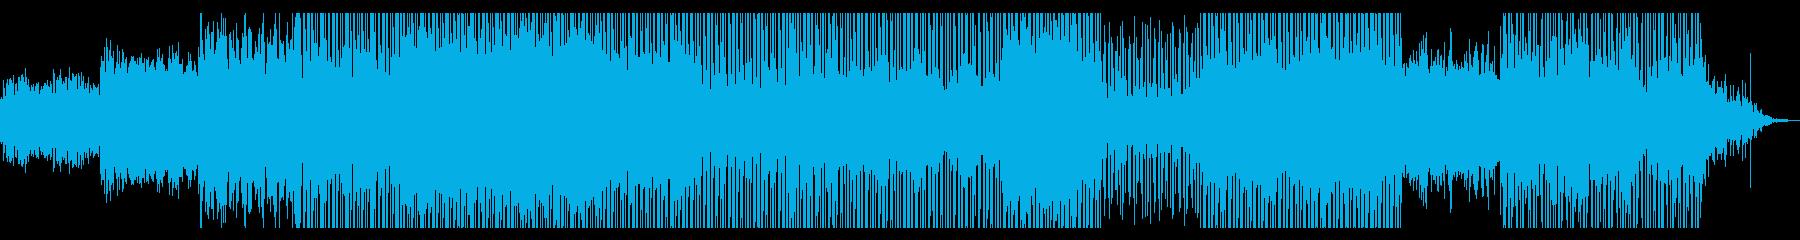 空間を漂うイメージの再生済みの波形